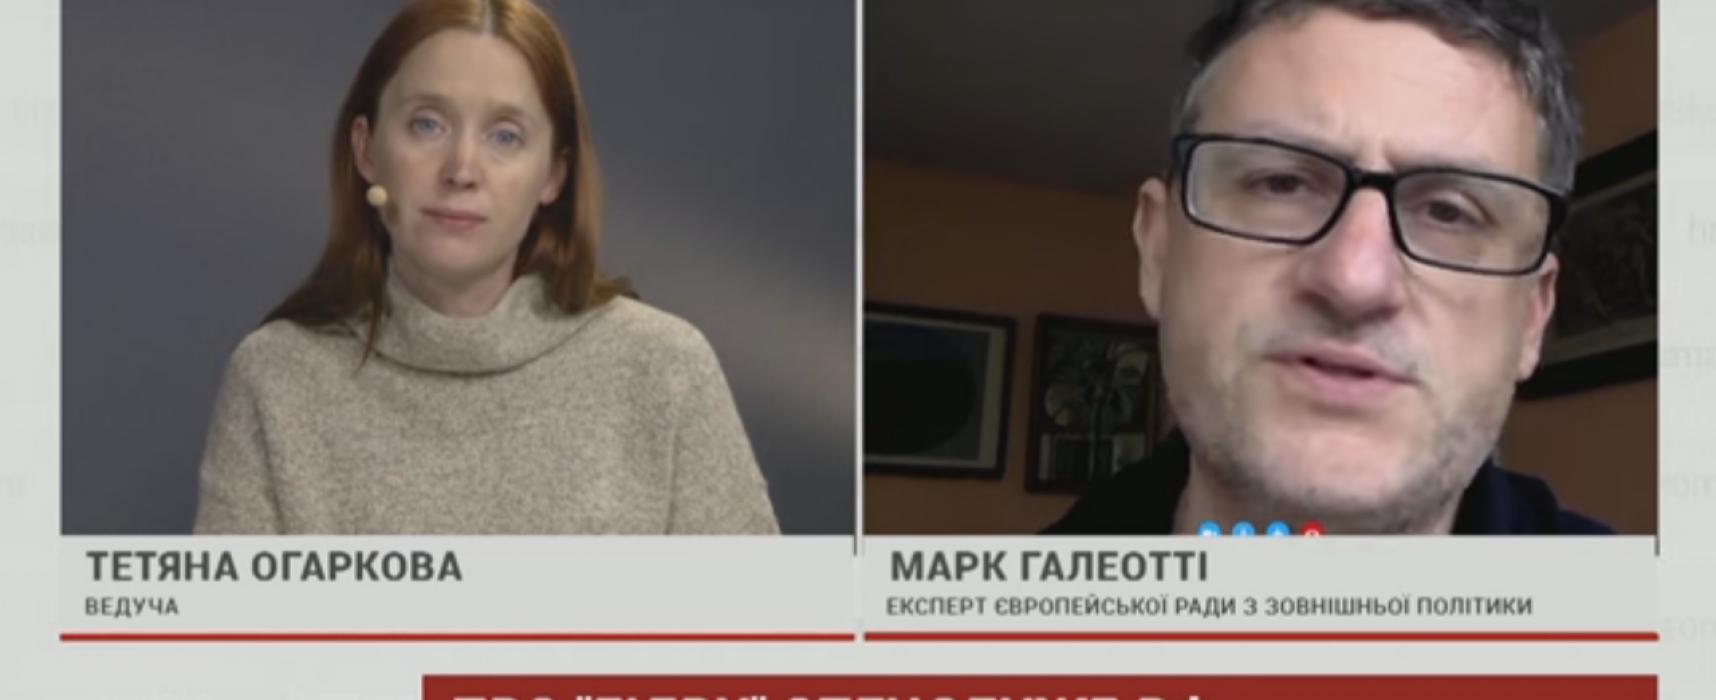 Les services spéciaux russes annoncent au Kremlin les mensonges attendus – Mark Galeotti